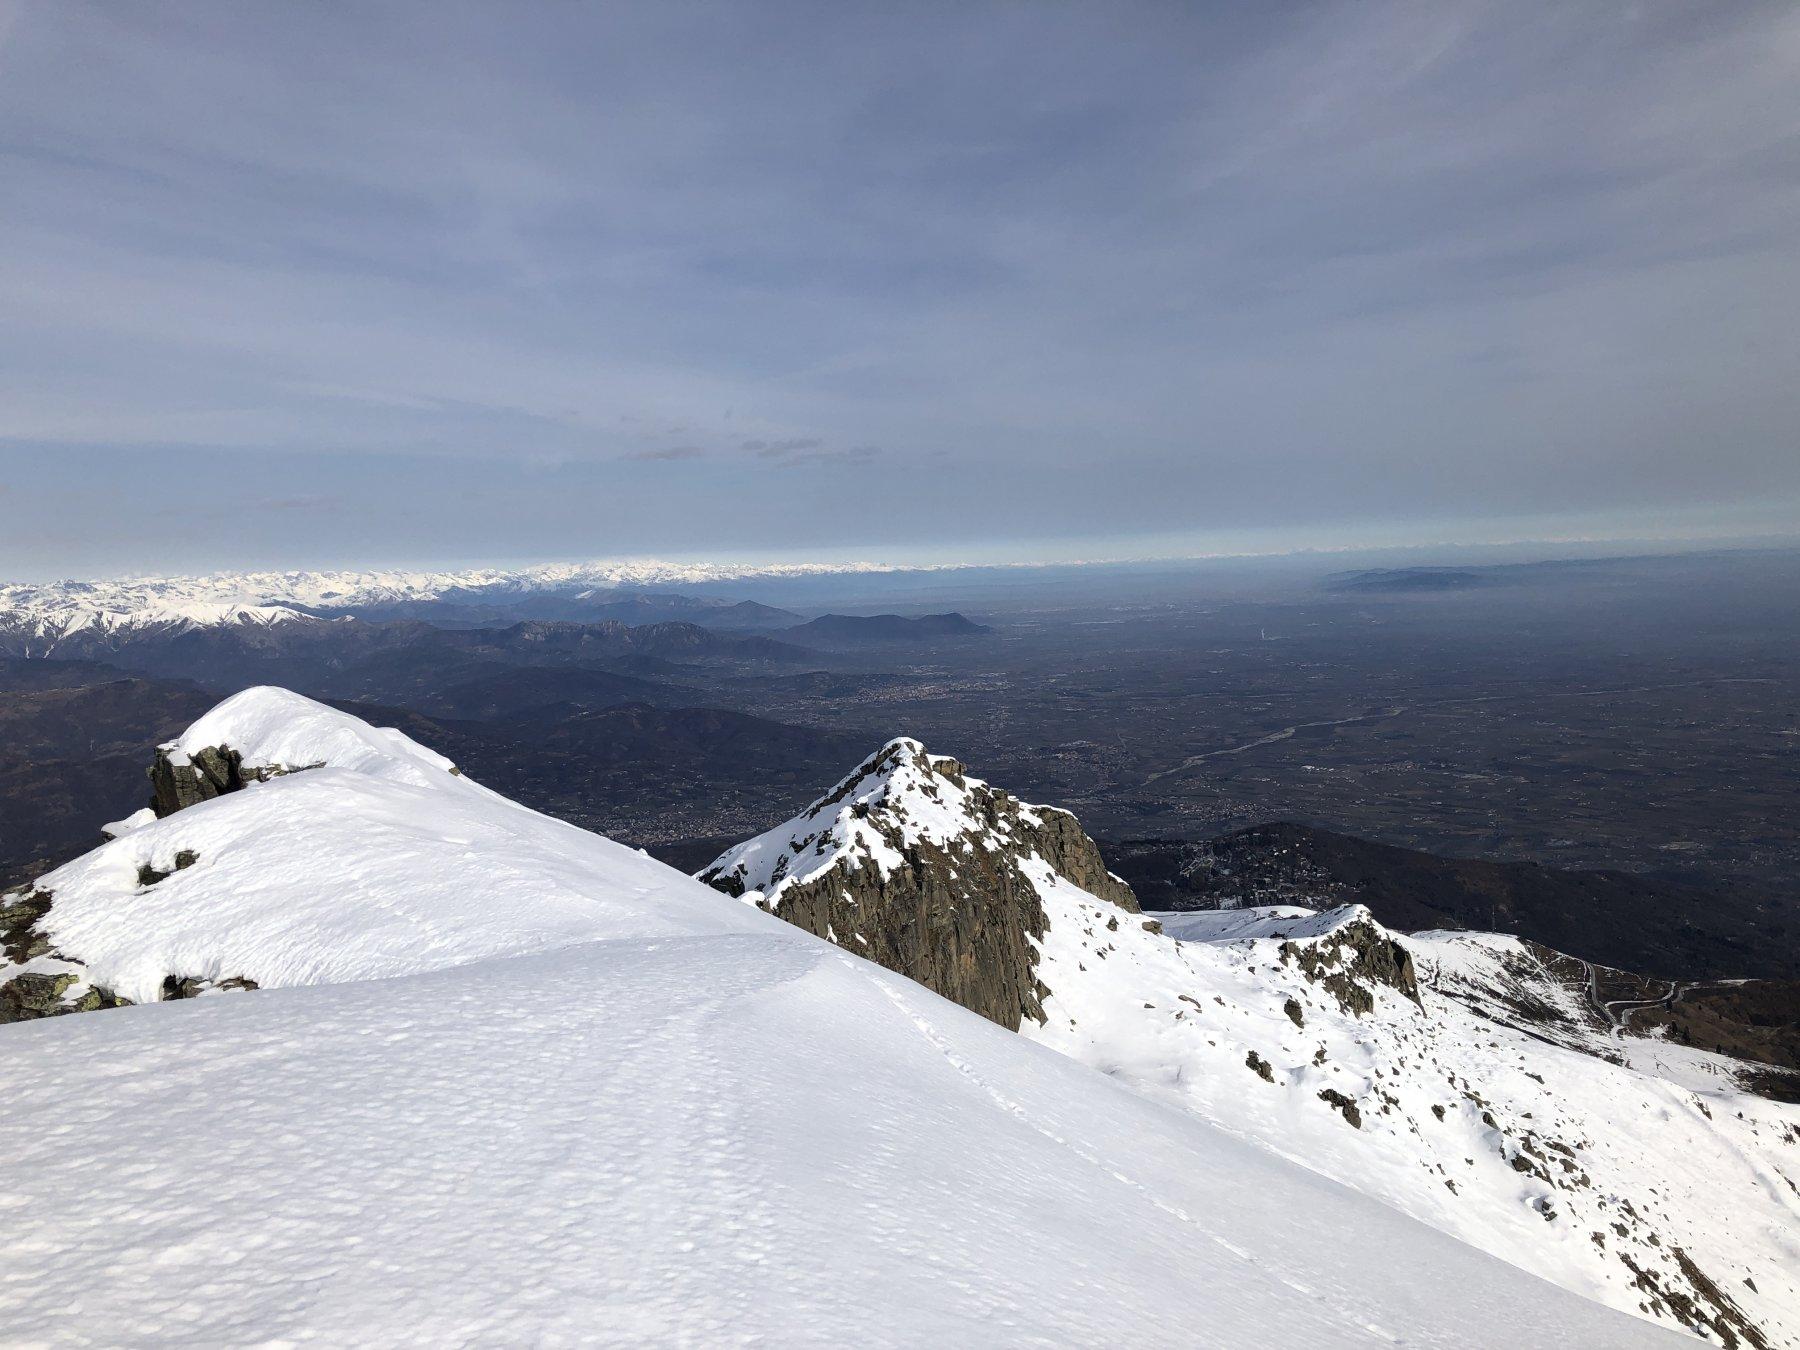 Dalla cima la cresta per arrivare al Rumella. Sullo sfondo, la piana.